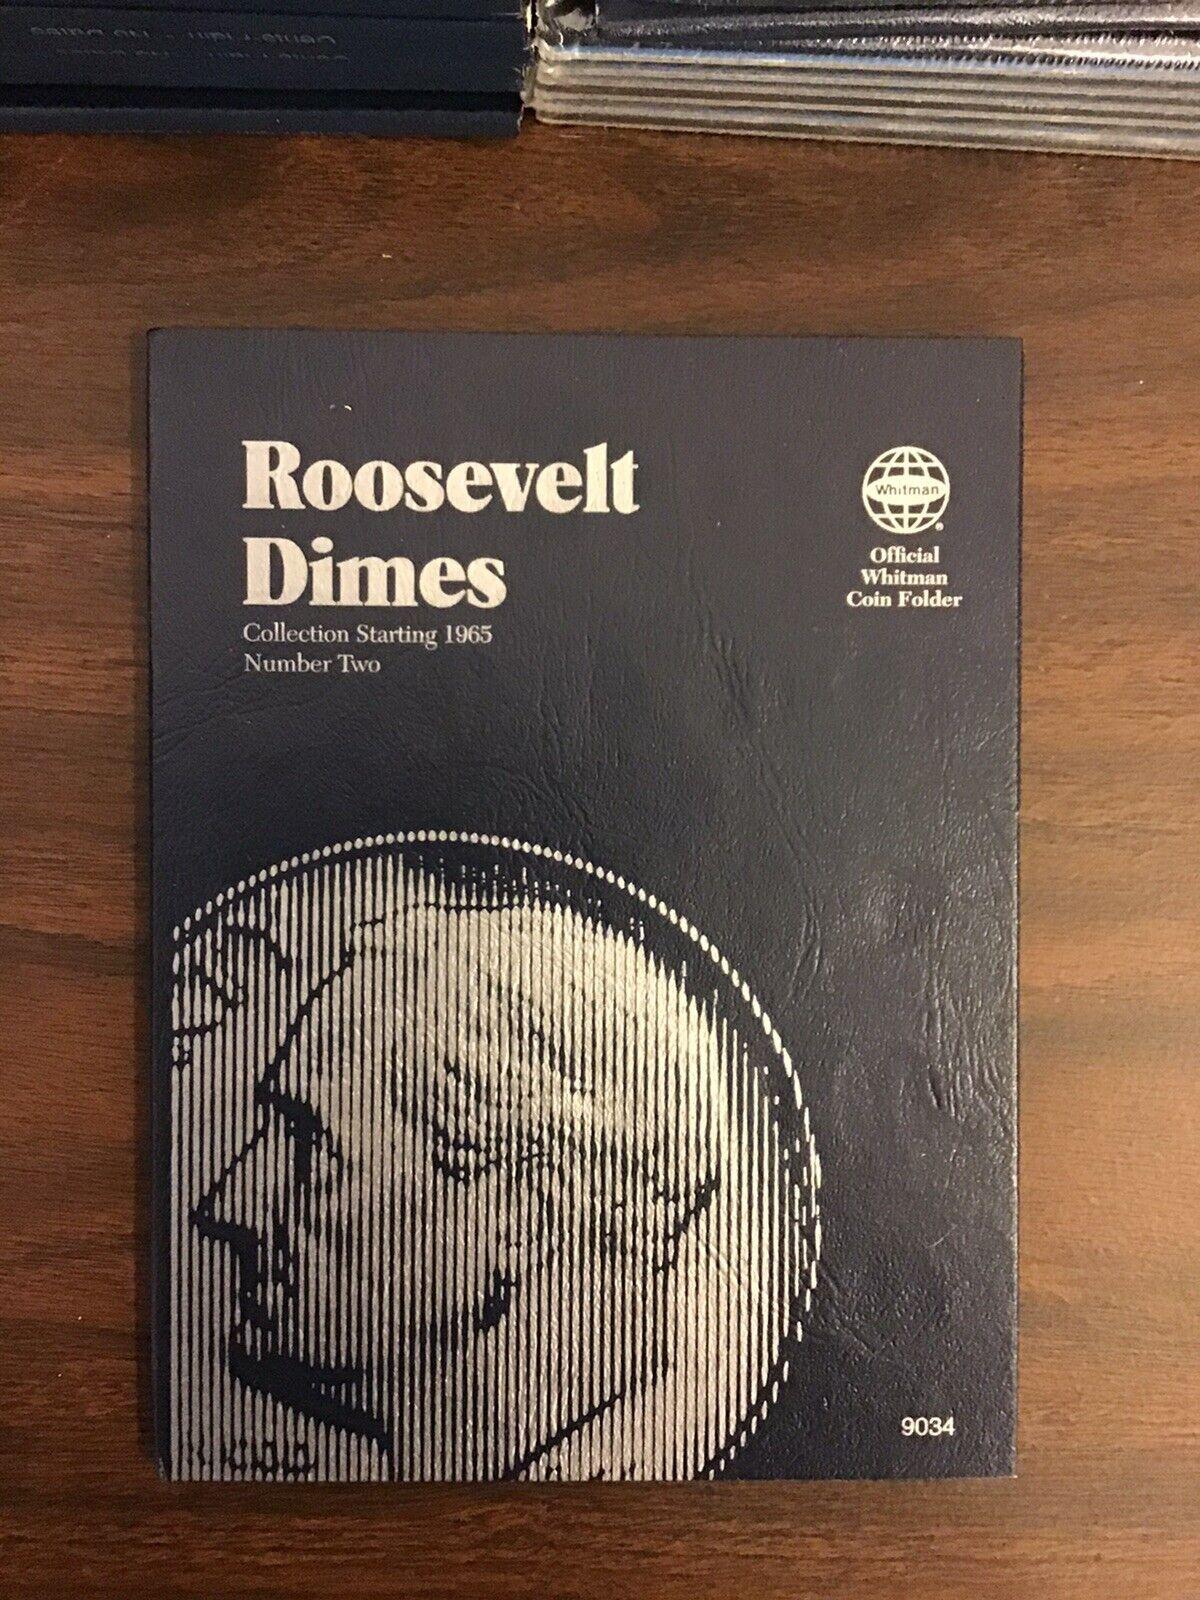 Whitman Coin Album Folder 9034  New Roosevelt Dimes 1965----Pack of 6